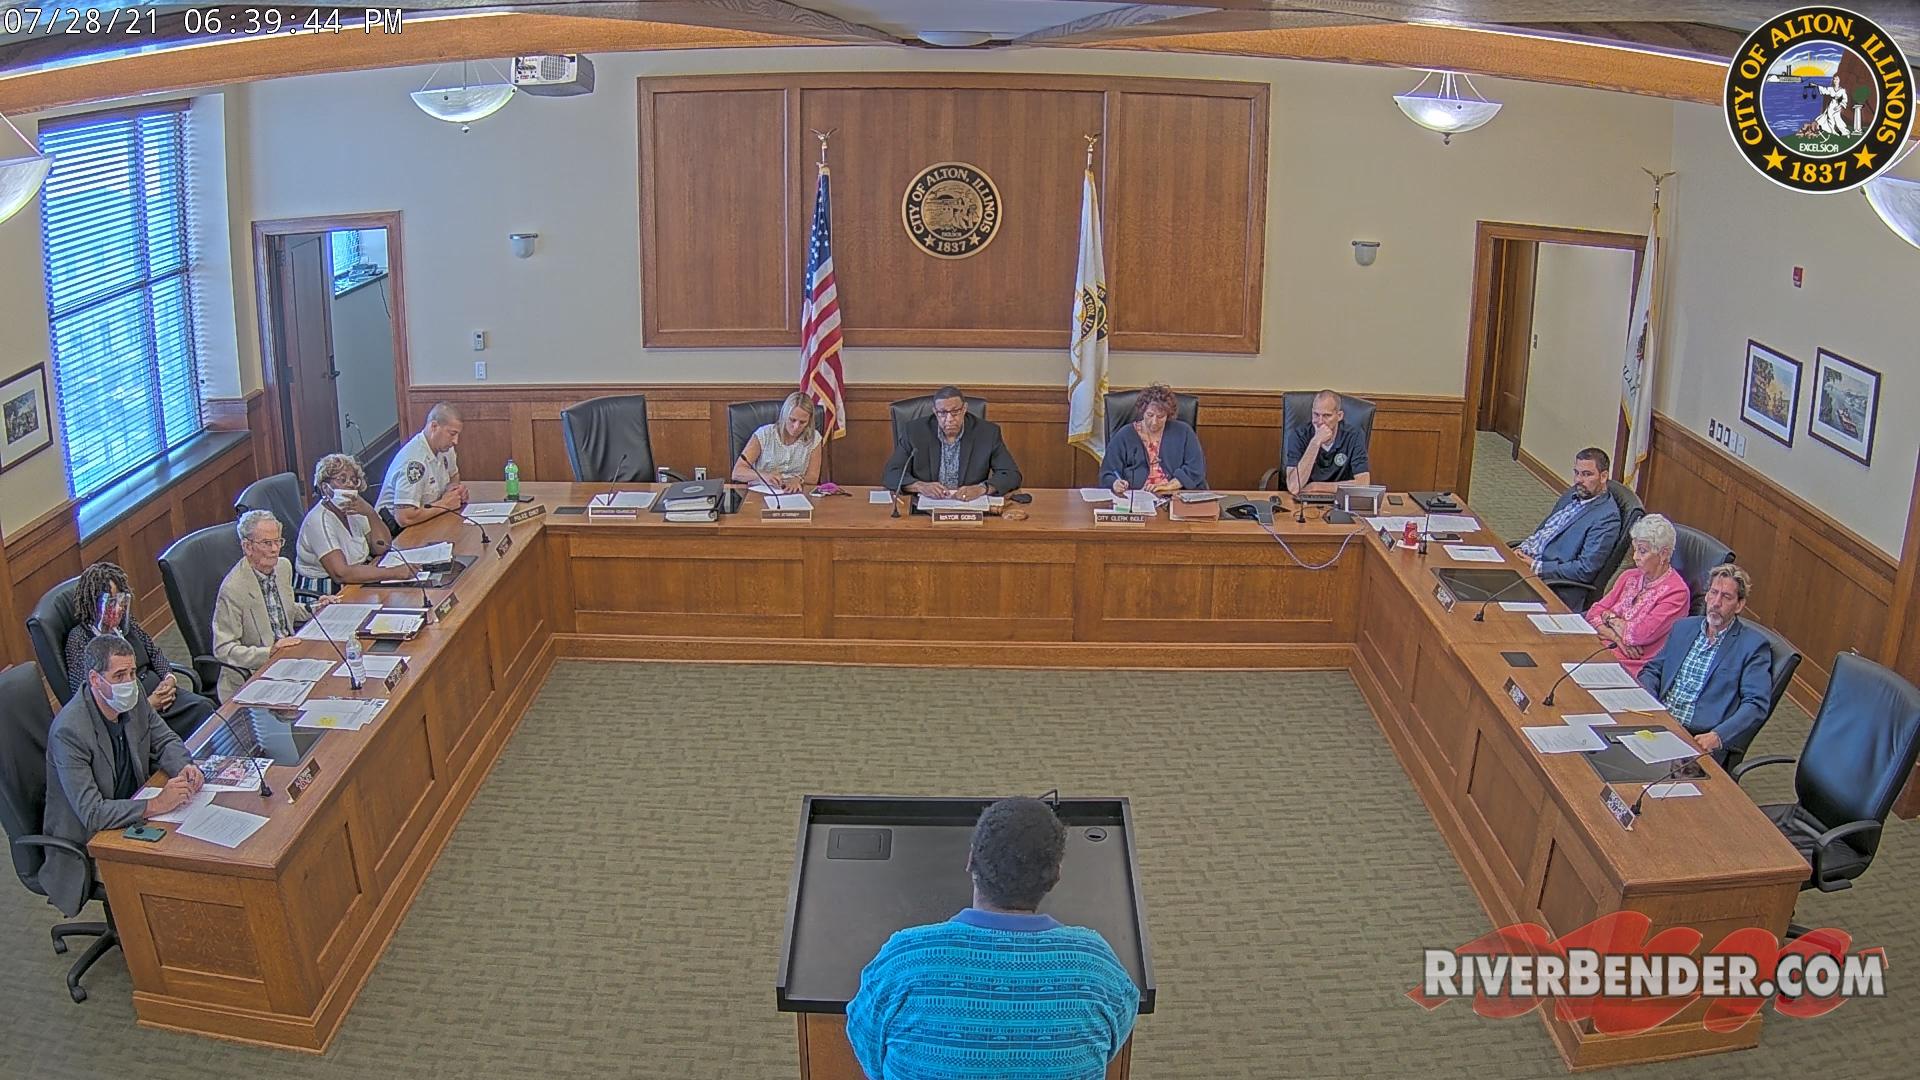 Alton City Council Meeting 7-28-2021